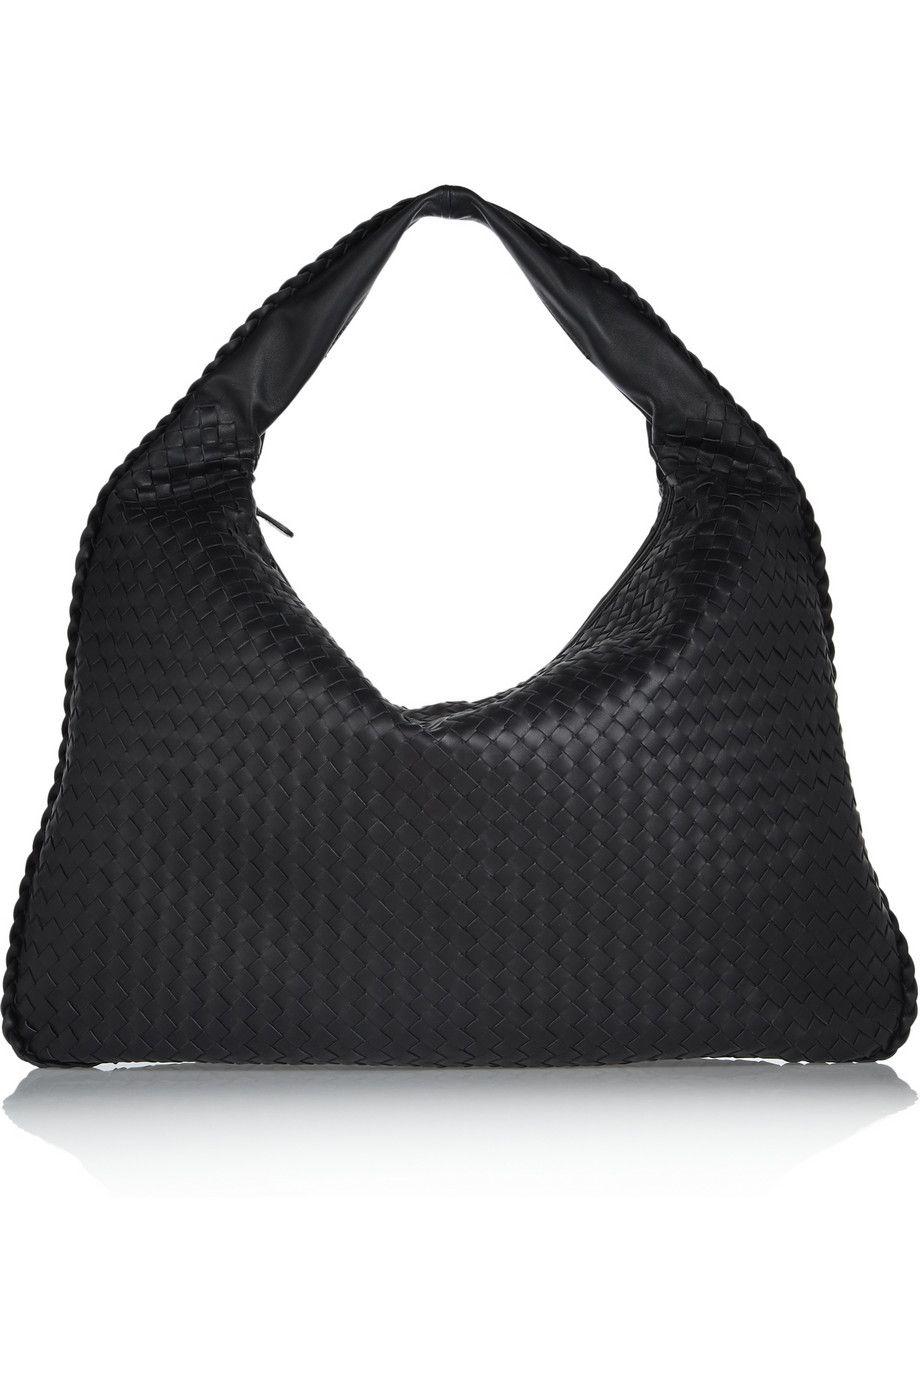 Woven Classic Black Bottega Veneta  5bbf8f66e0545